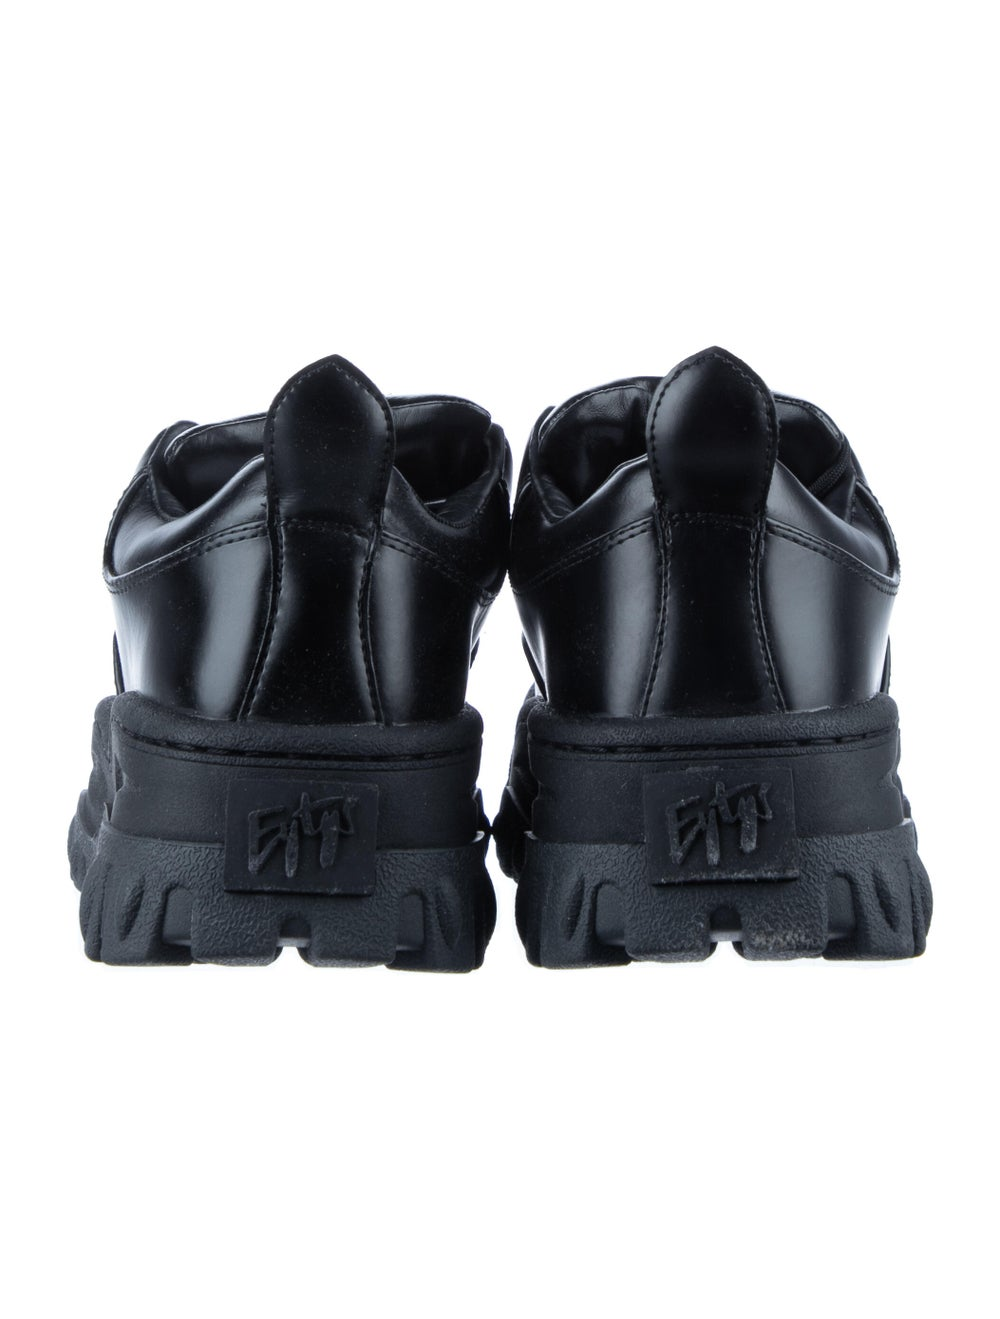 Eytys Angel Chunky Sneakers Black - image 4